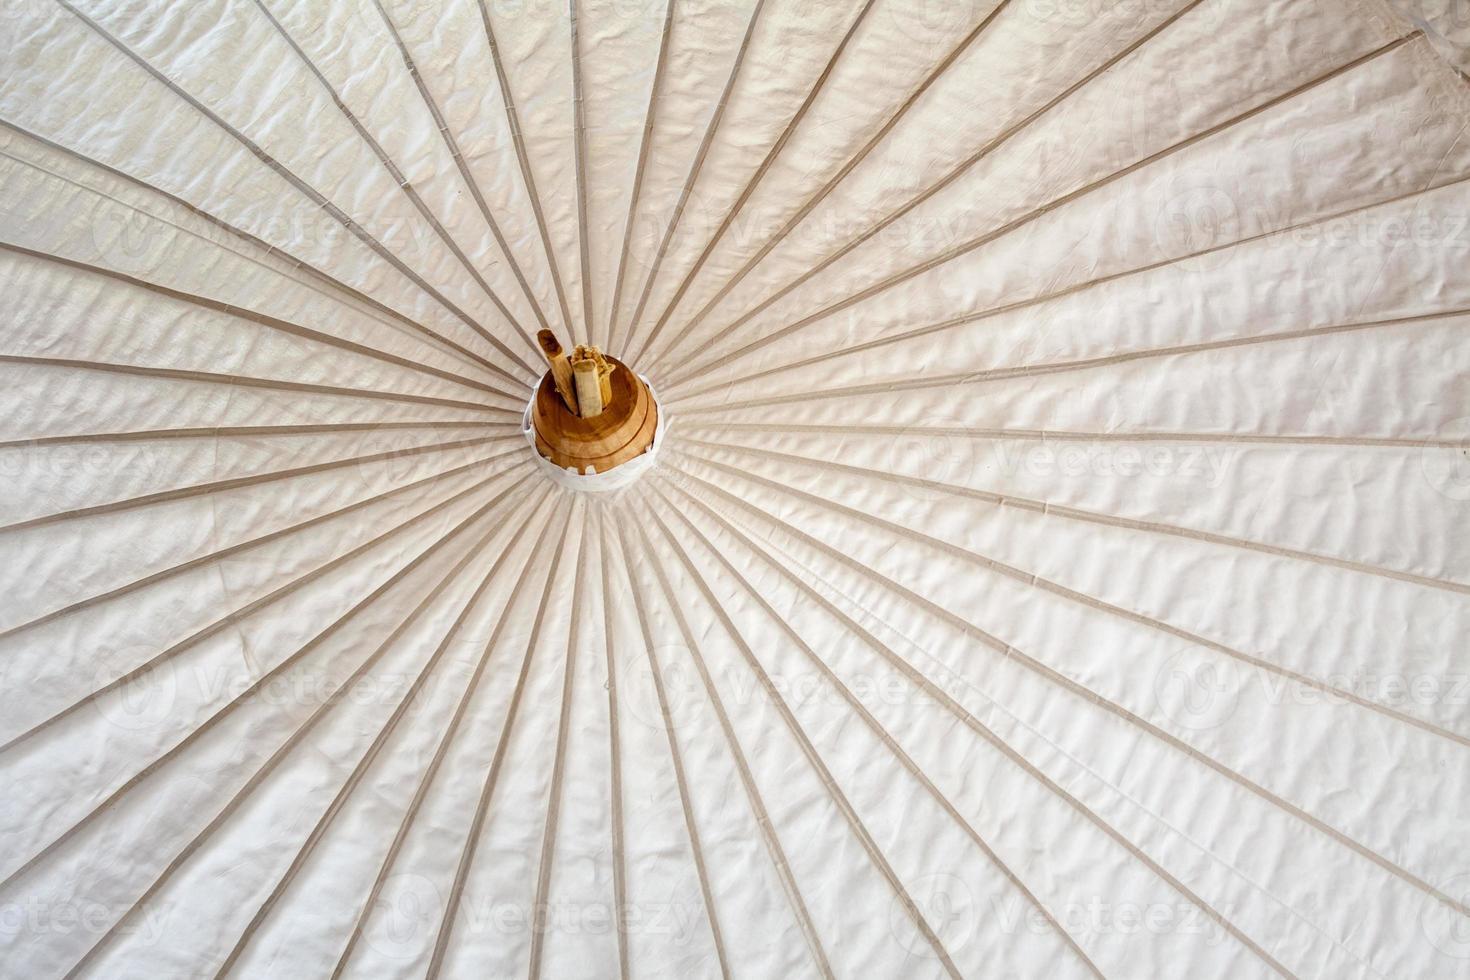 parapluie en papier / tissu artisanat photo